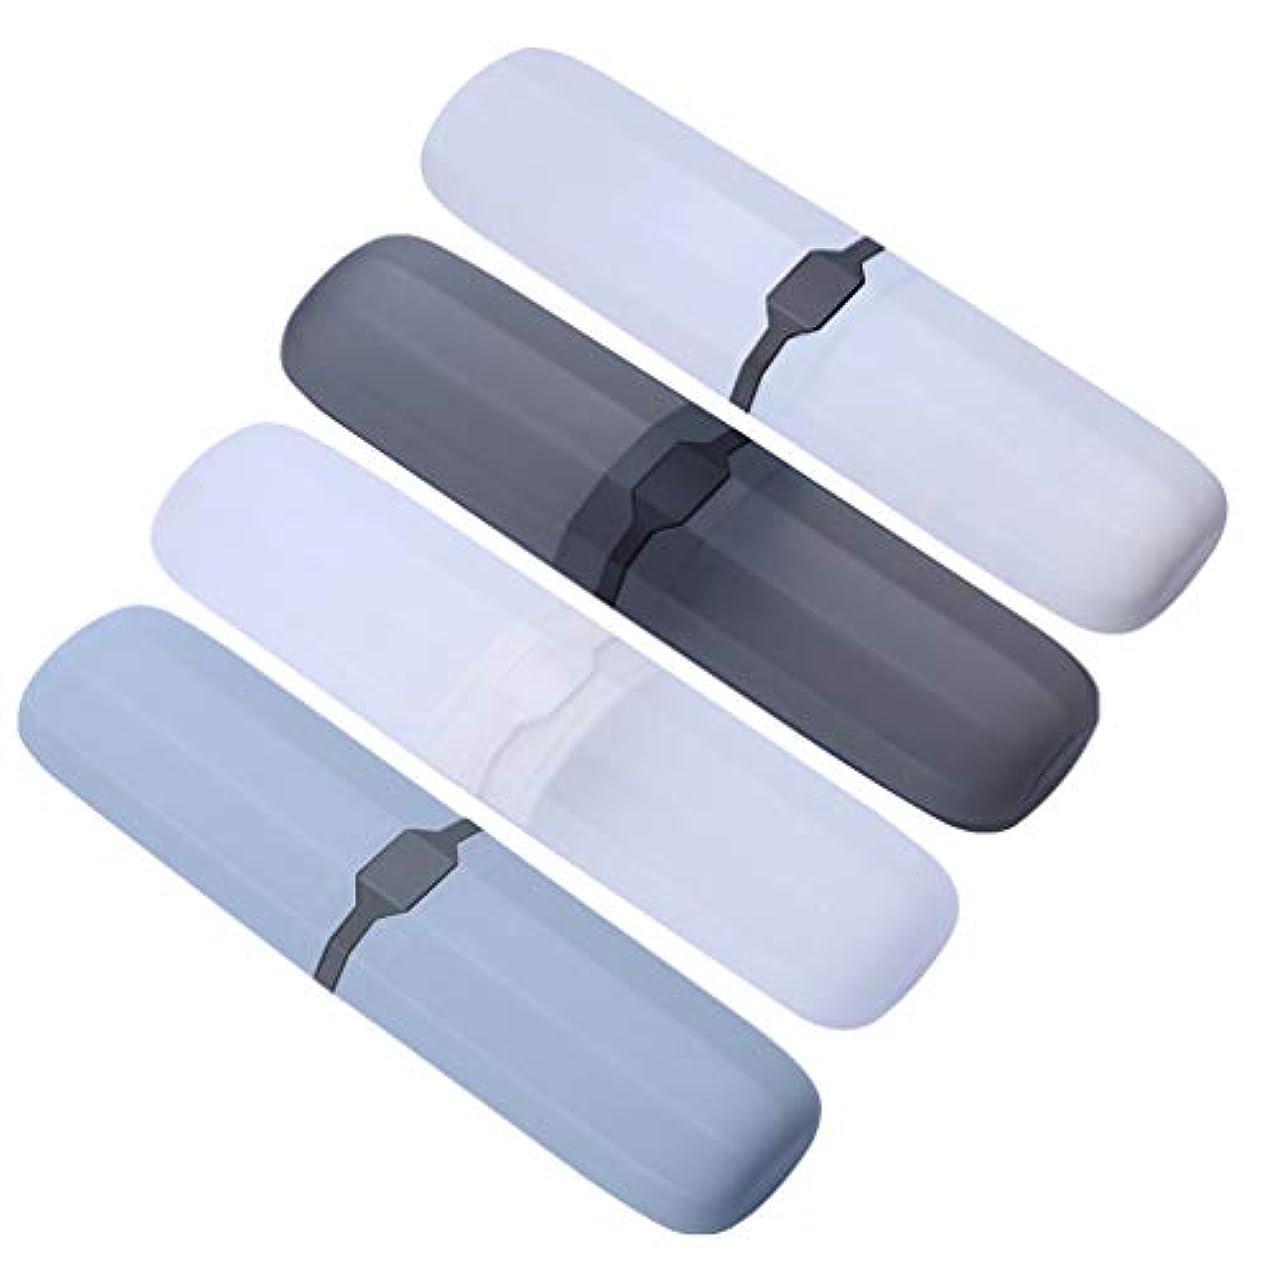 ガラス捕虜オーチャードHealifty Toothbrush Case Portable Toothpaste Storage Box for Travel 4PCS